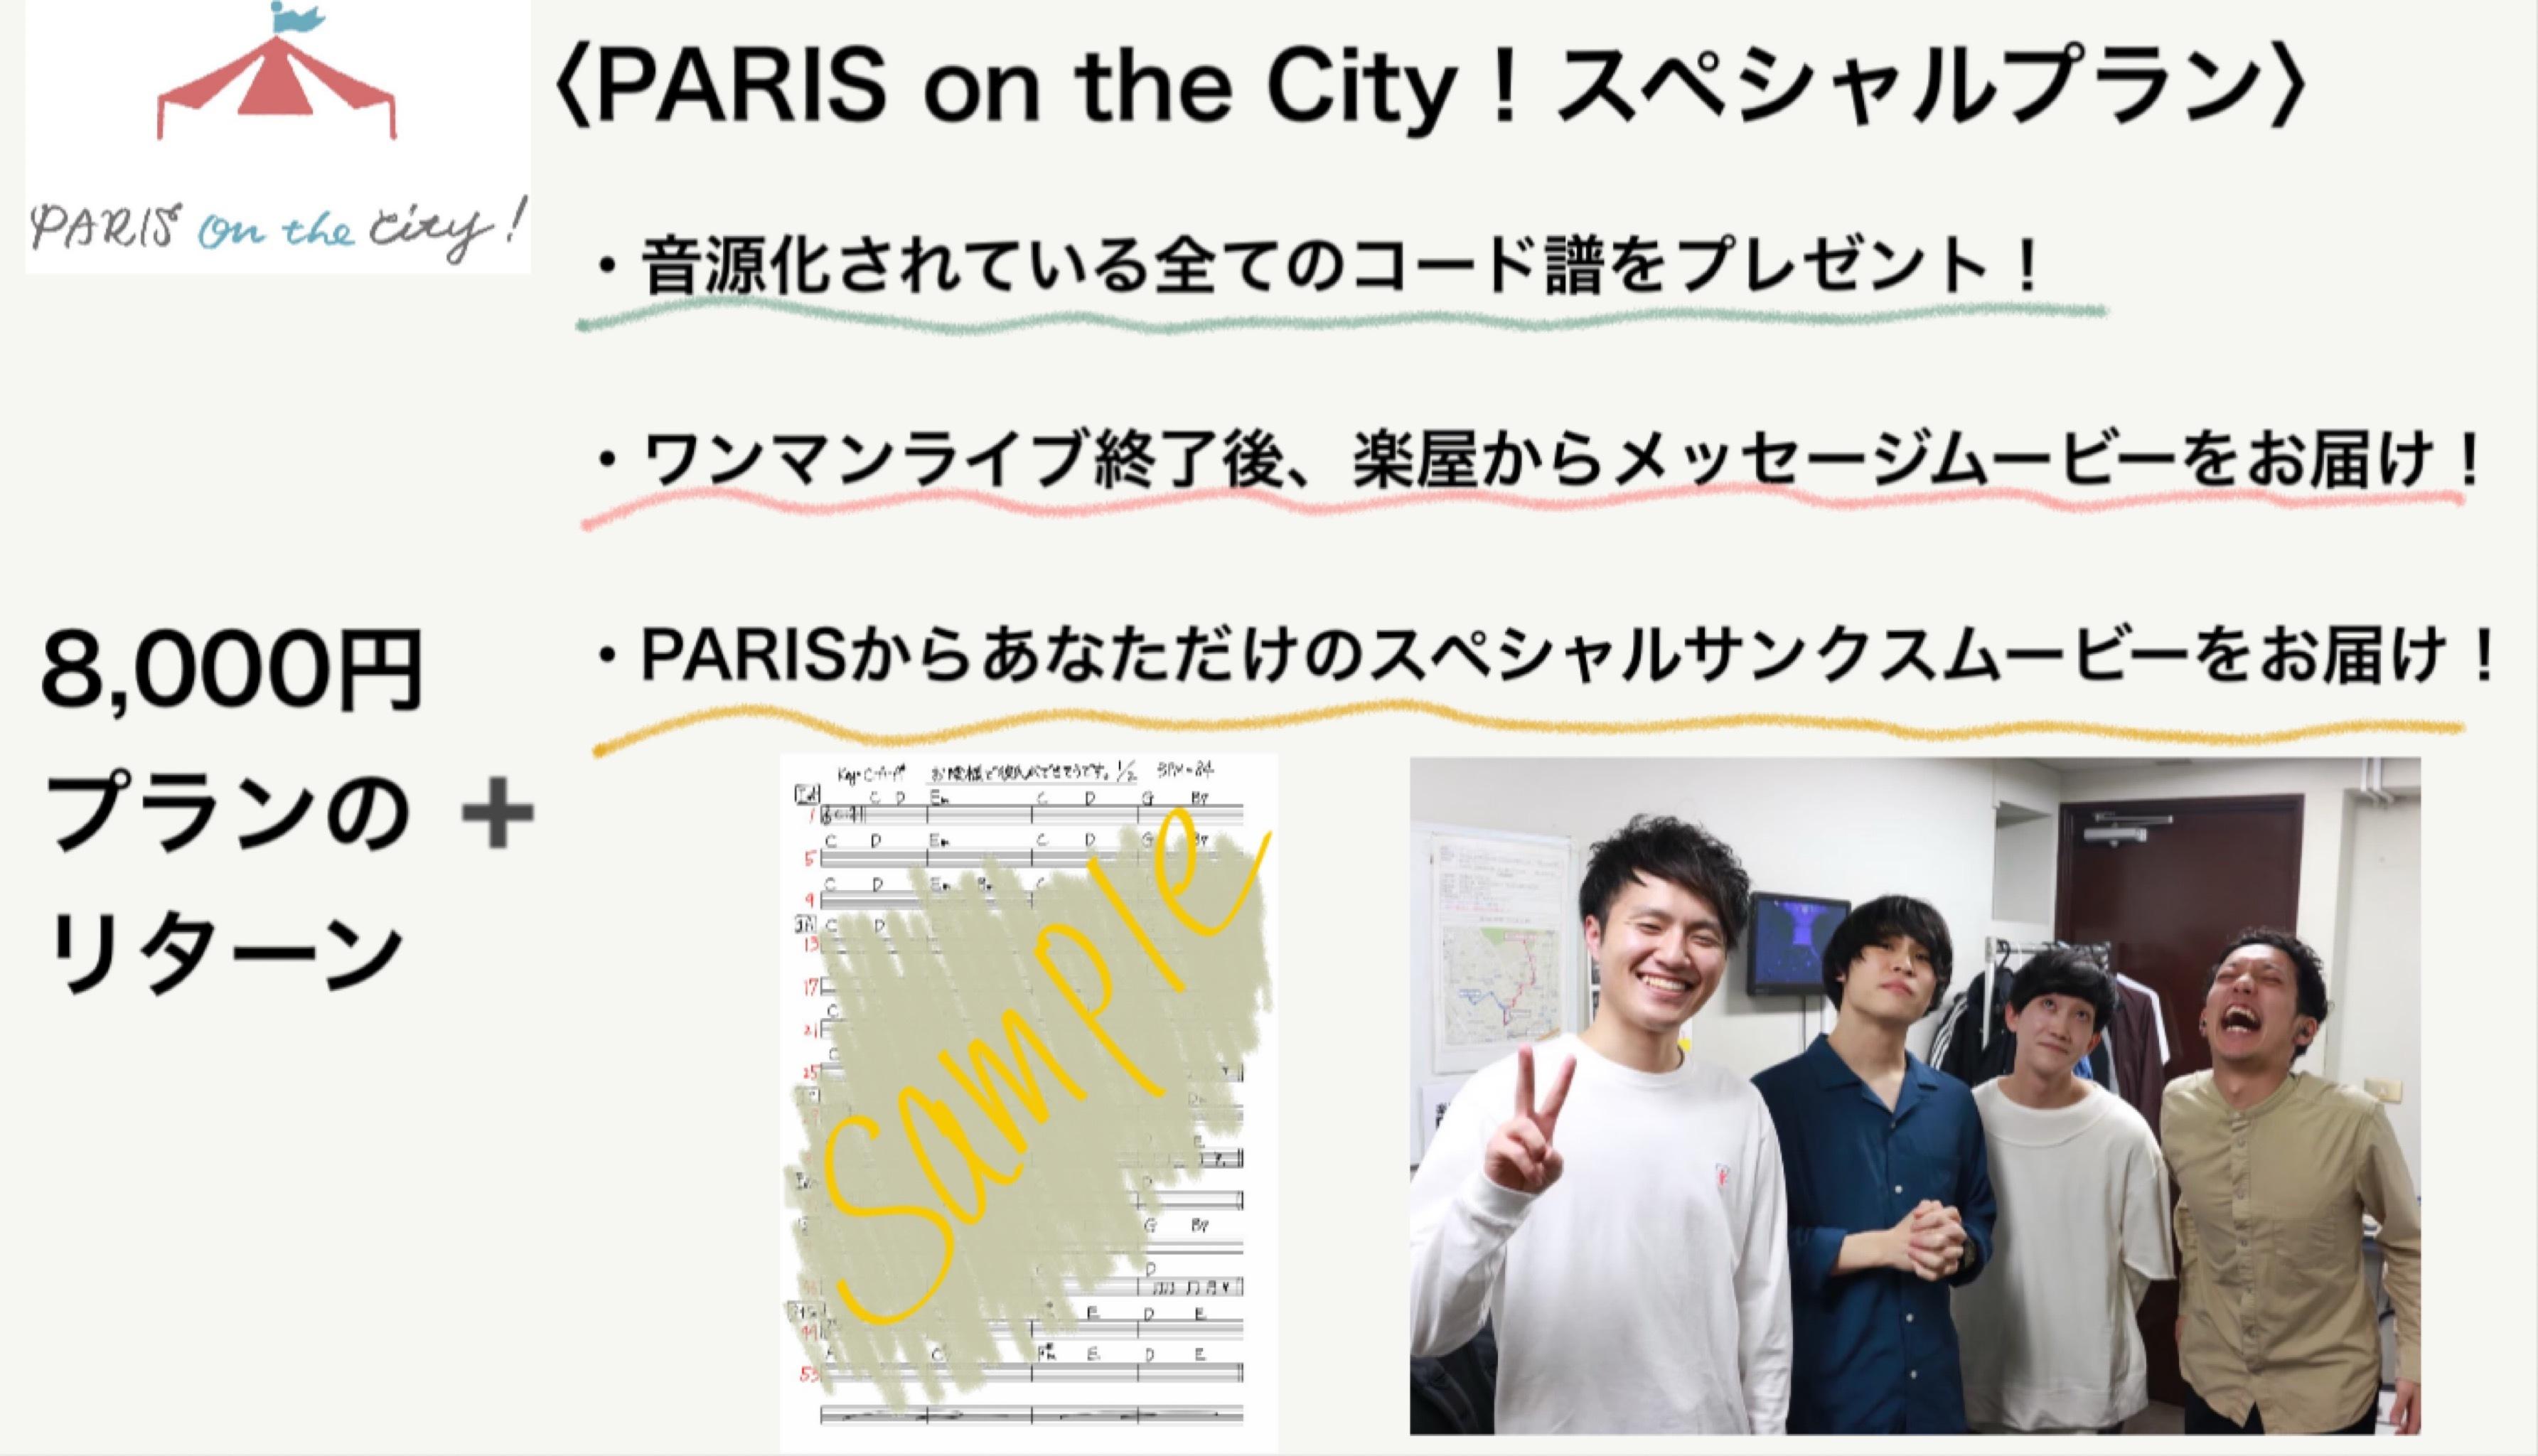 <PARIS on the City!スペシャルプラン>